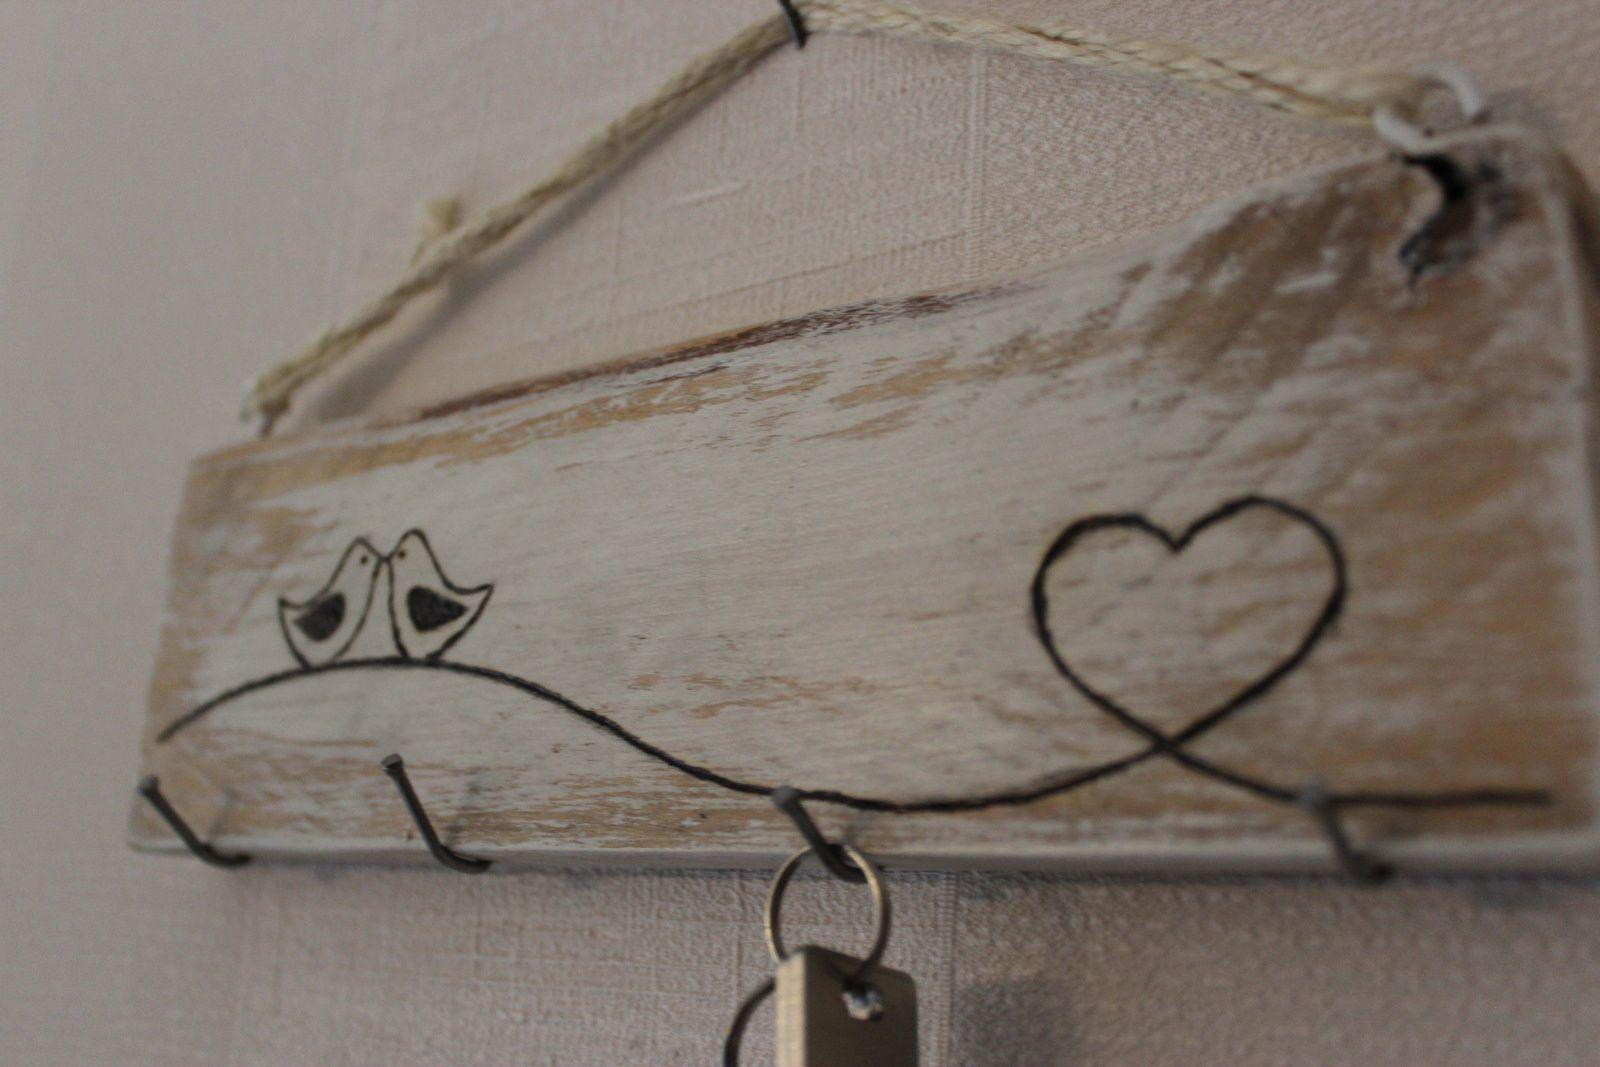 http://luniversdegarfield59.over-blog.com palette récup bois porte clé oiseau déco pyrogravure garfield59